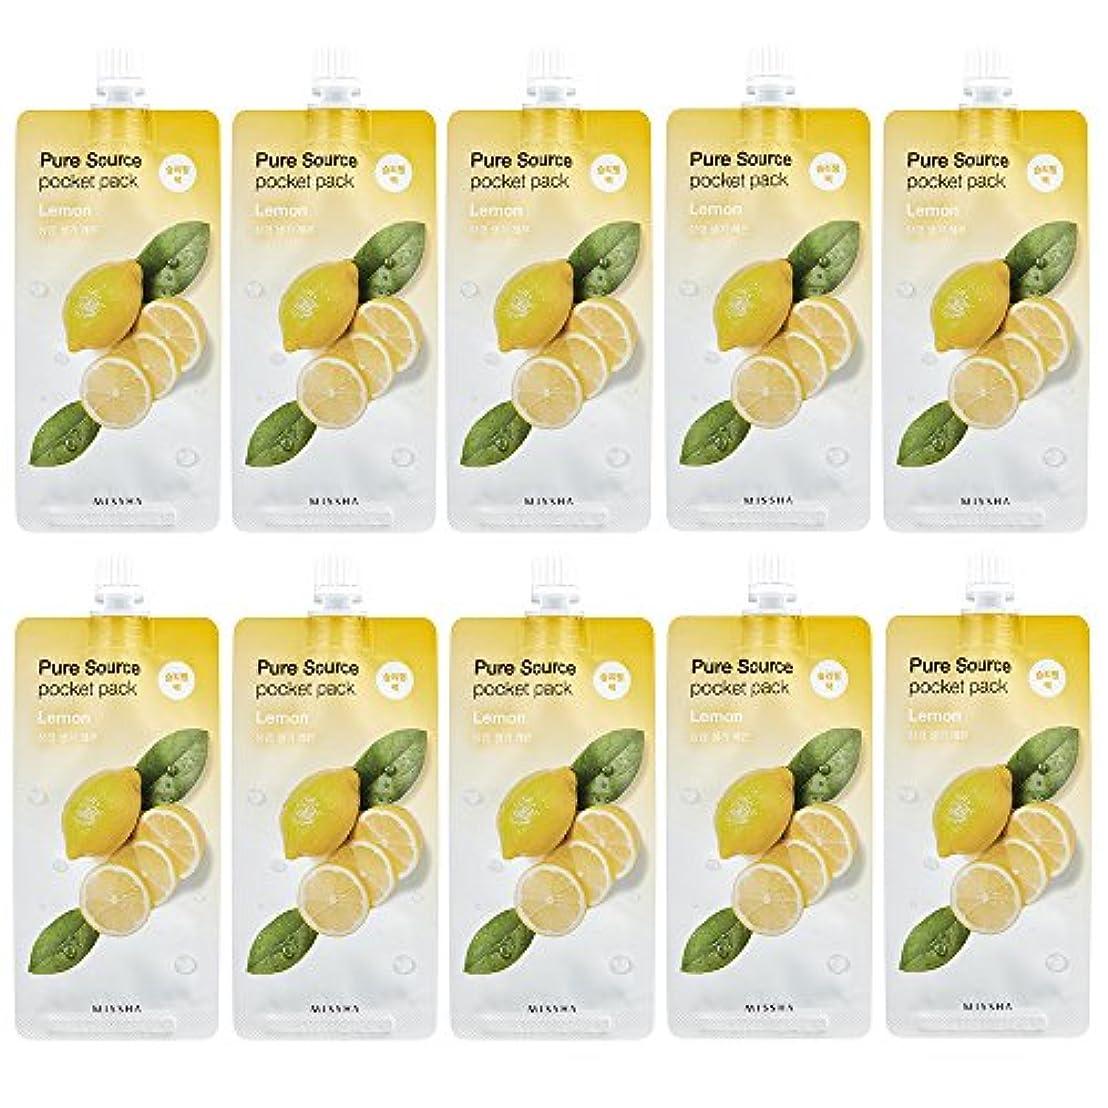 シャックル取り除くミッションミシャ ピュア ソース ポケット パック 1個 レモン(スリーピングパック)